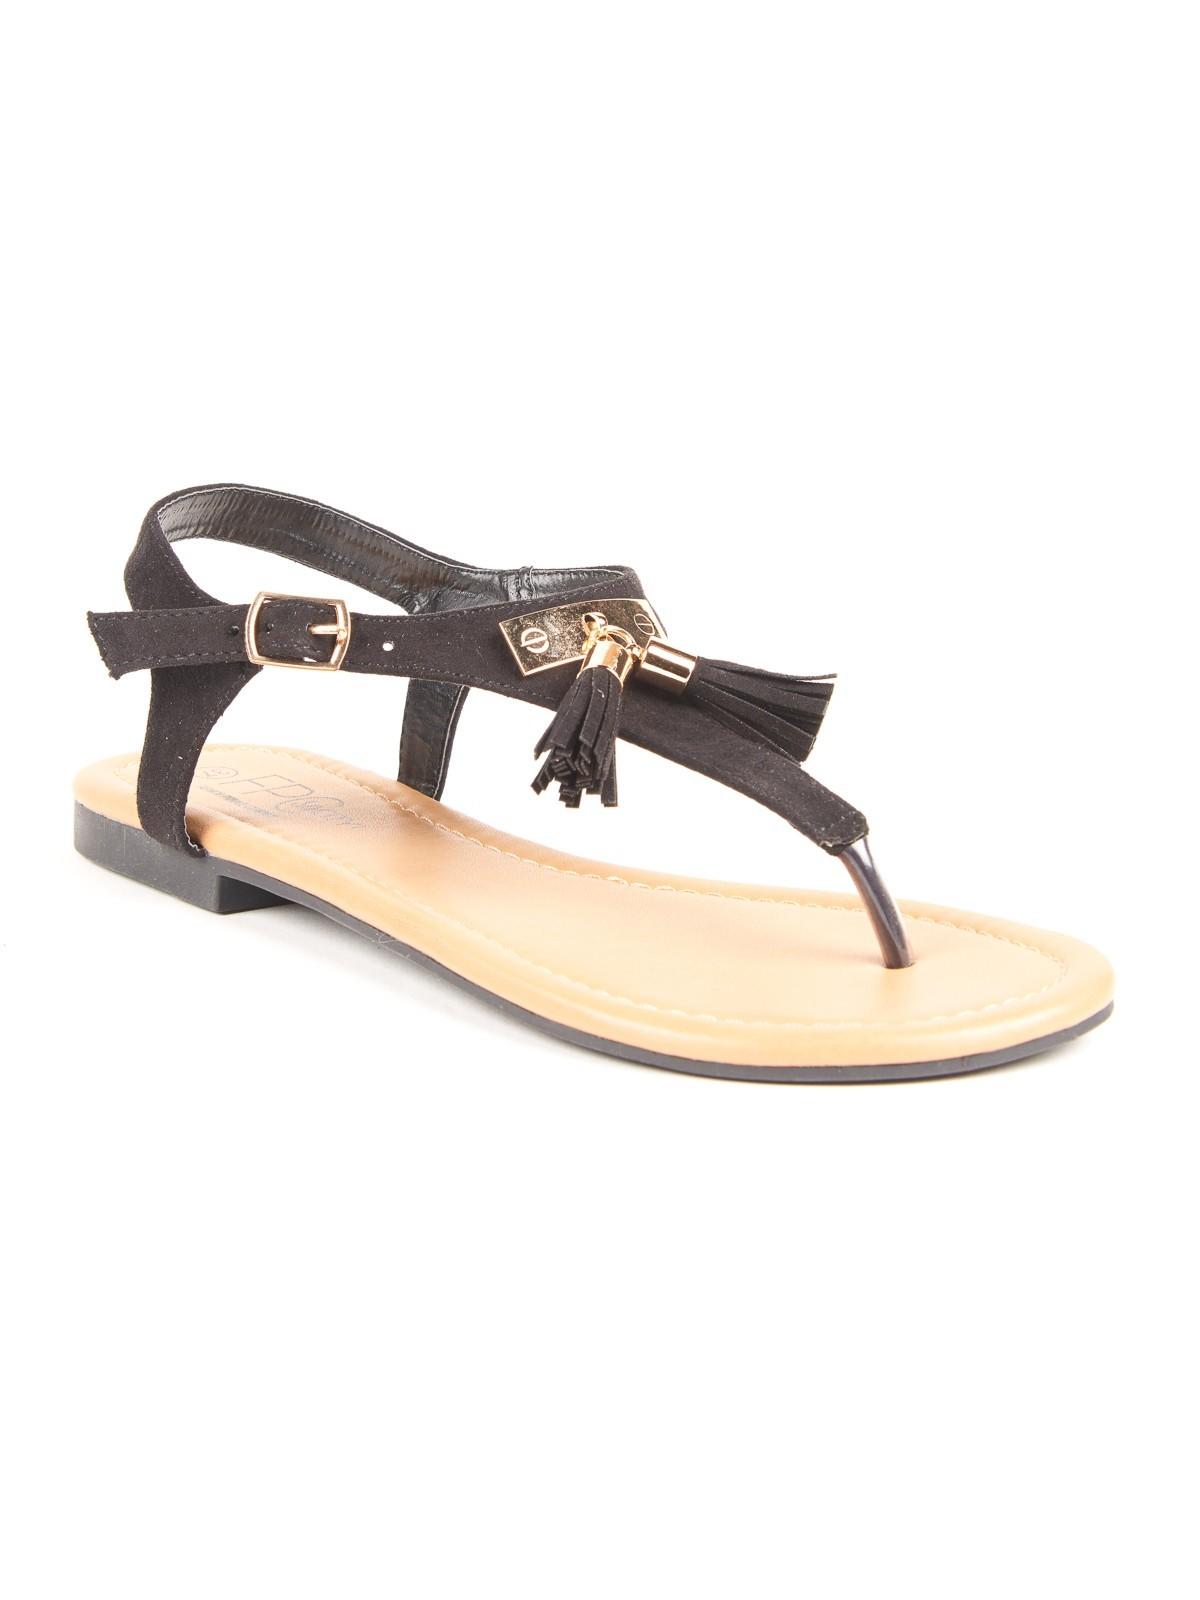 sandales entredoigt pompons talon plat districenter. Black Bedroom Furniture Sets. Home Design Ideas